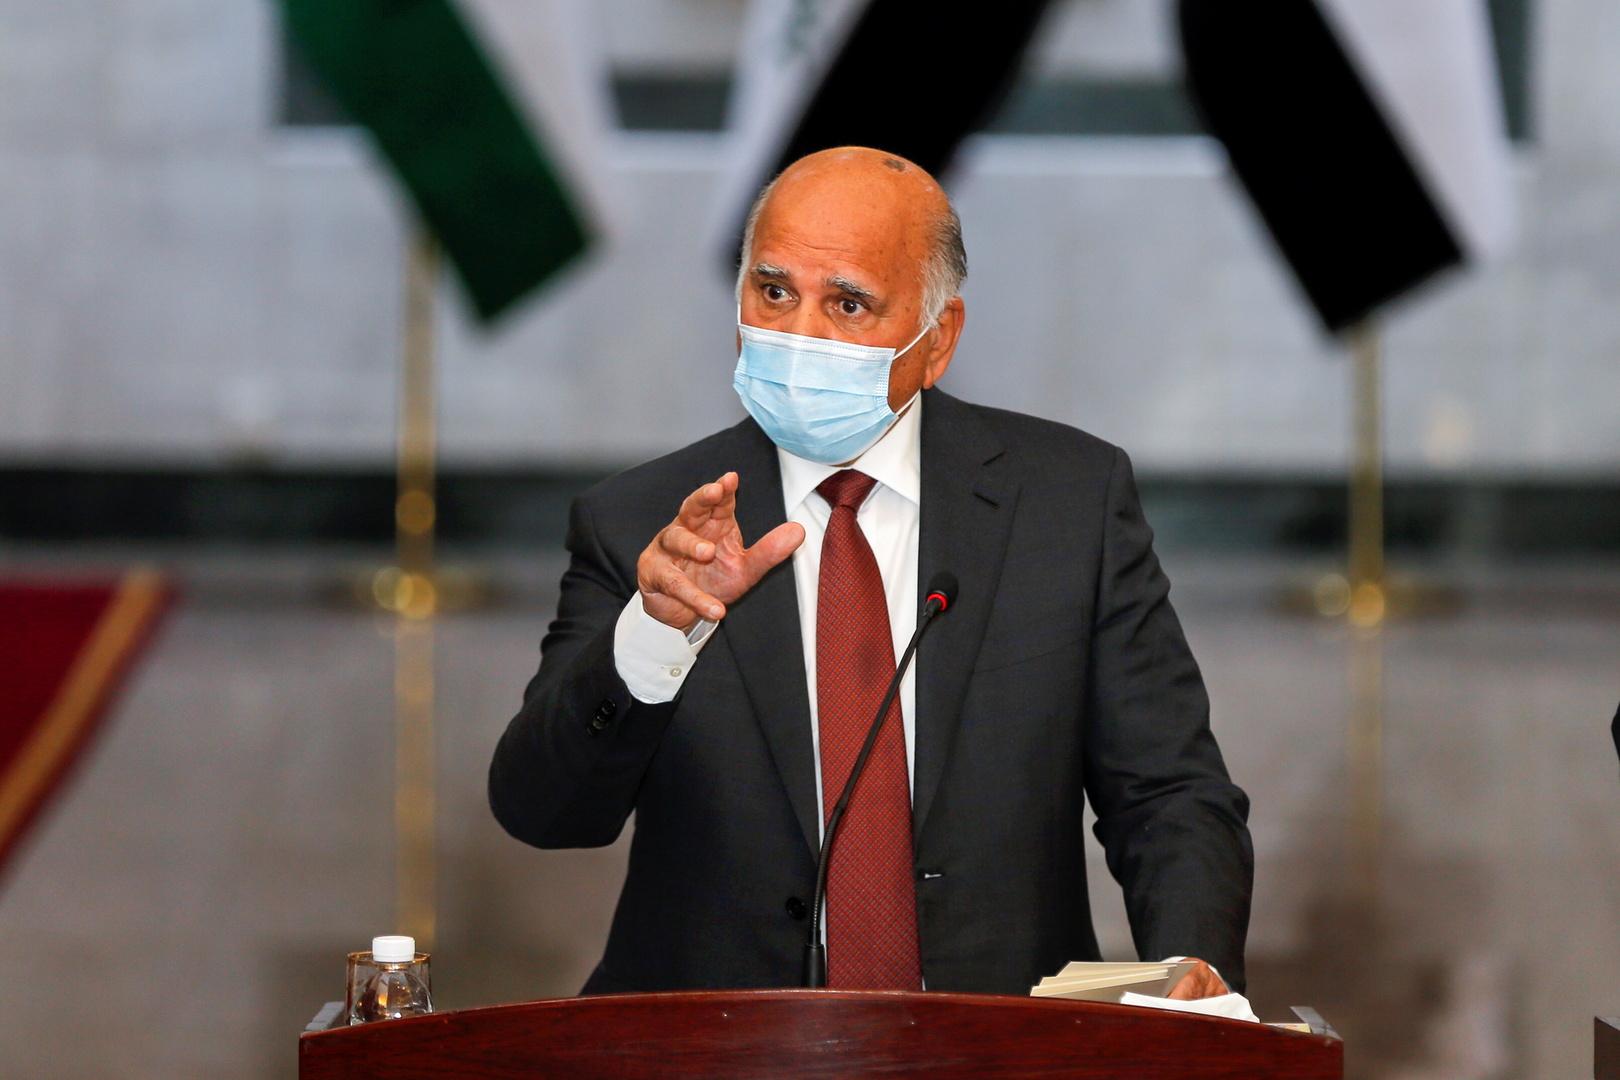 العراق يطلب من الجامعة العربية إرسال مراقبين للانتخابات التشريعية المقبلة